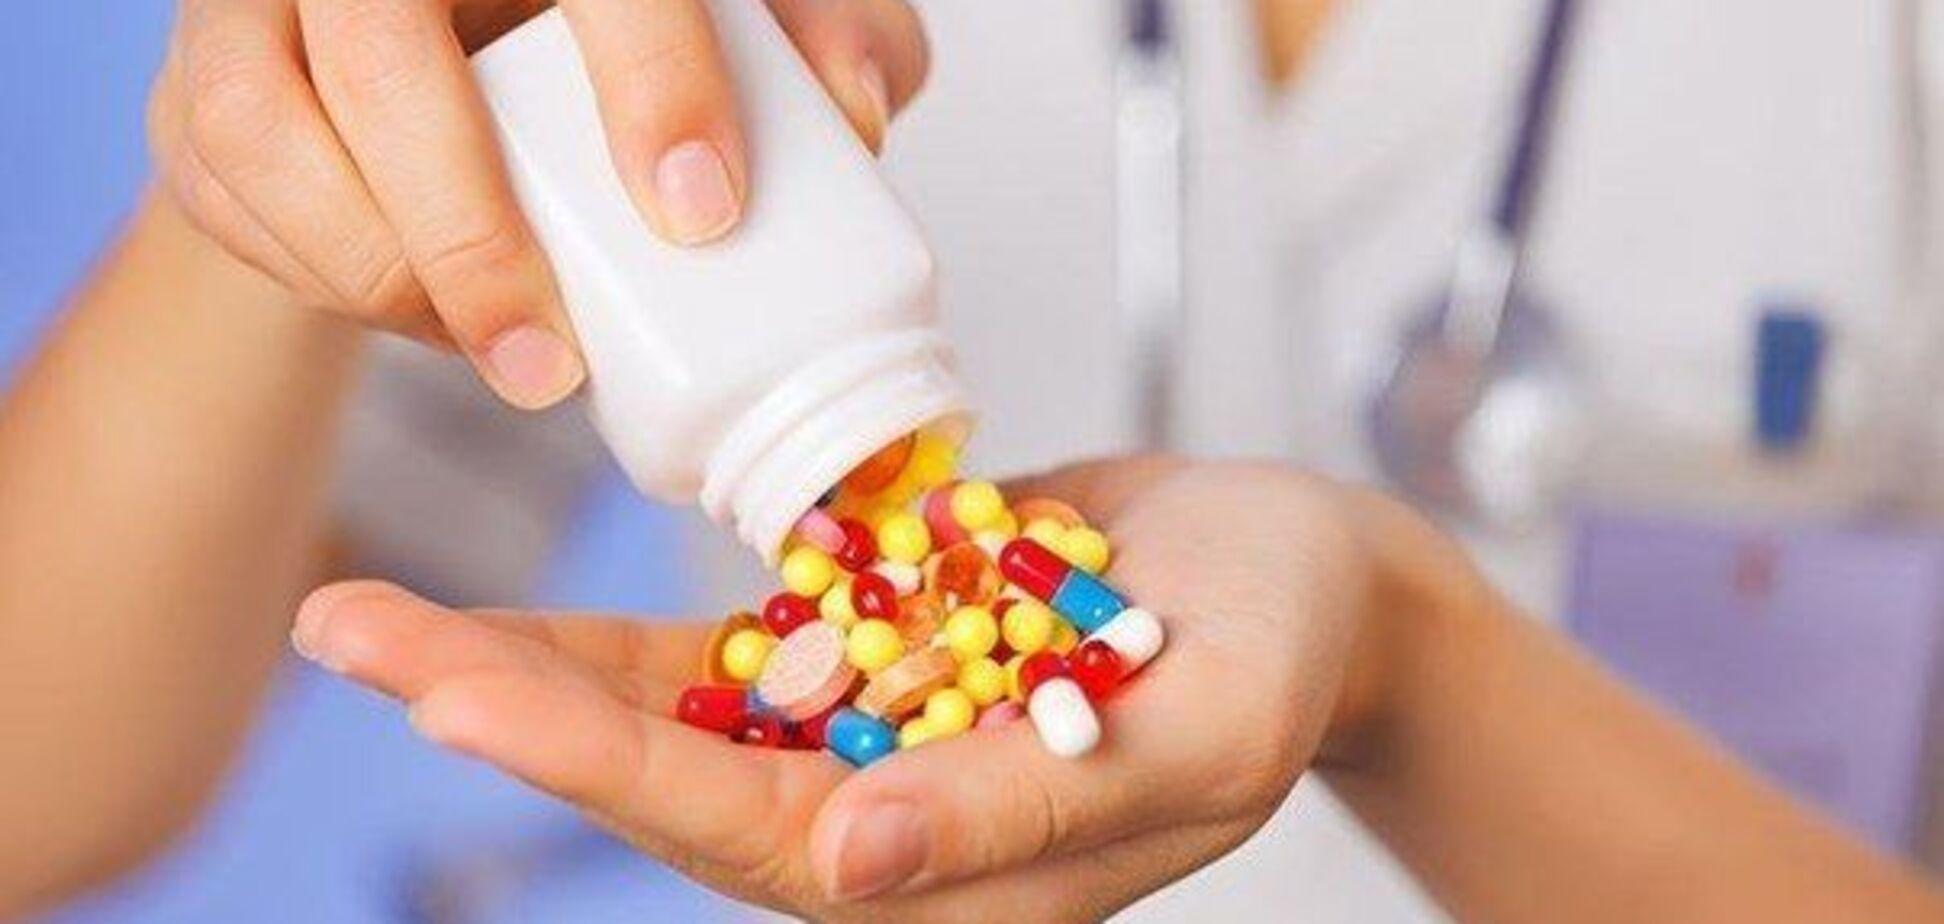 Бесполезные лекарства: фармкомпании нас обманывают?